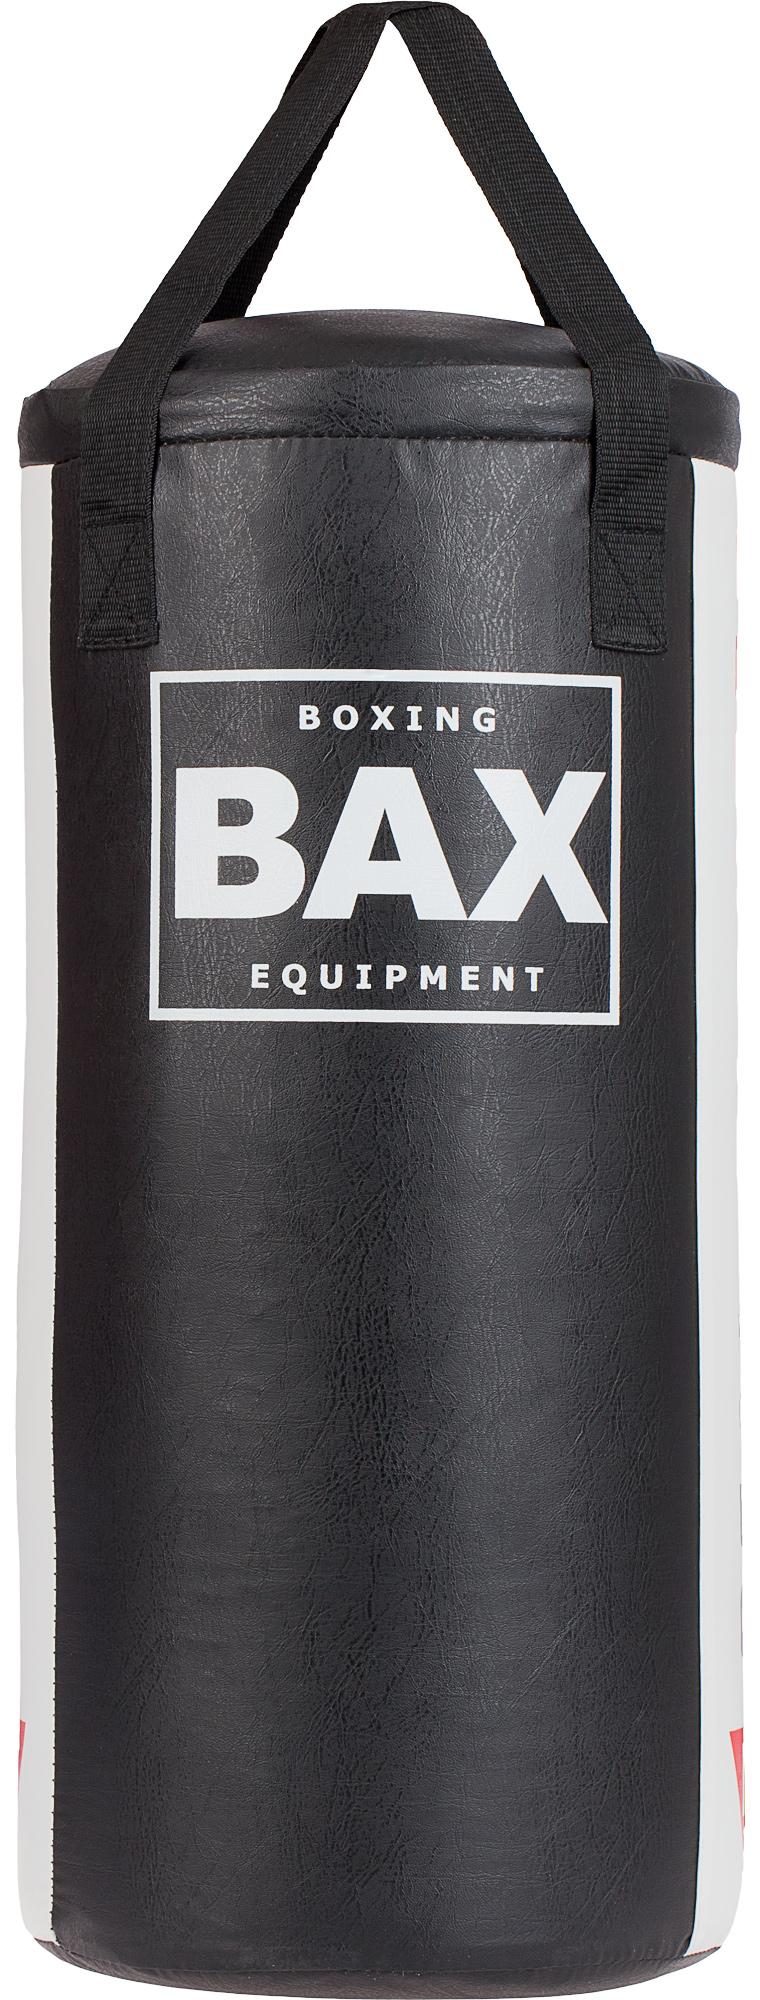 Bax Мешок набивной Bax, 10 кг